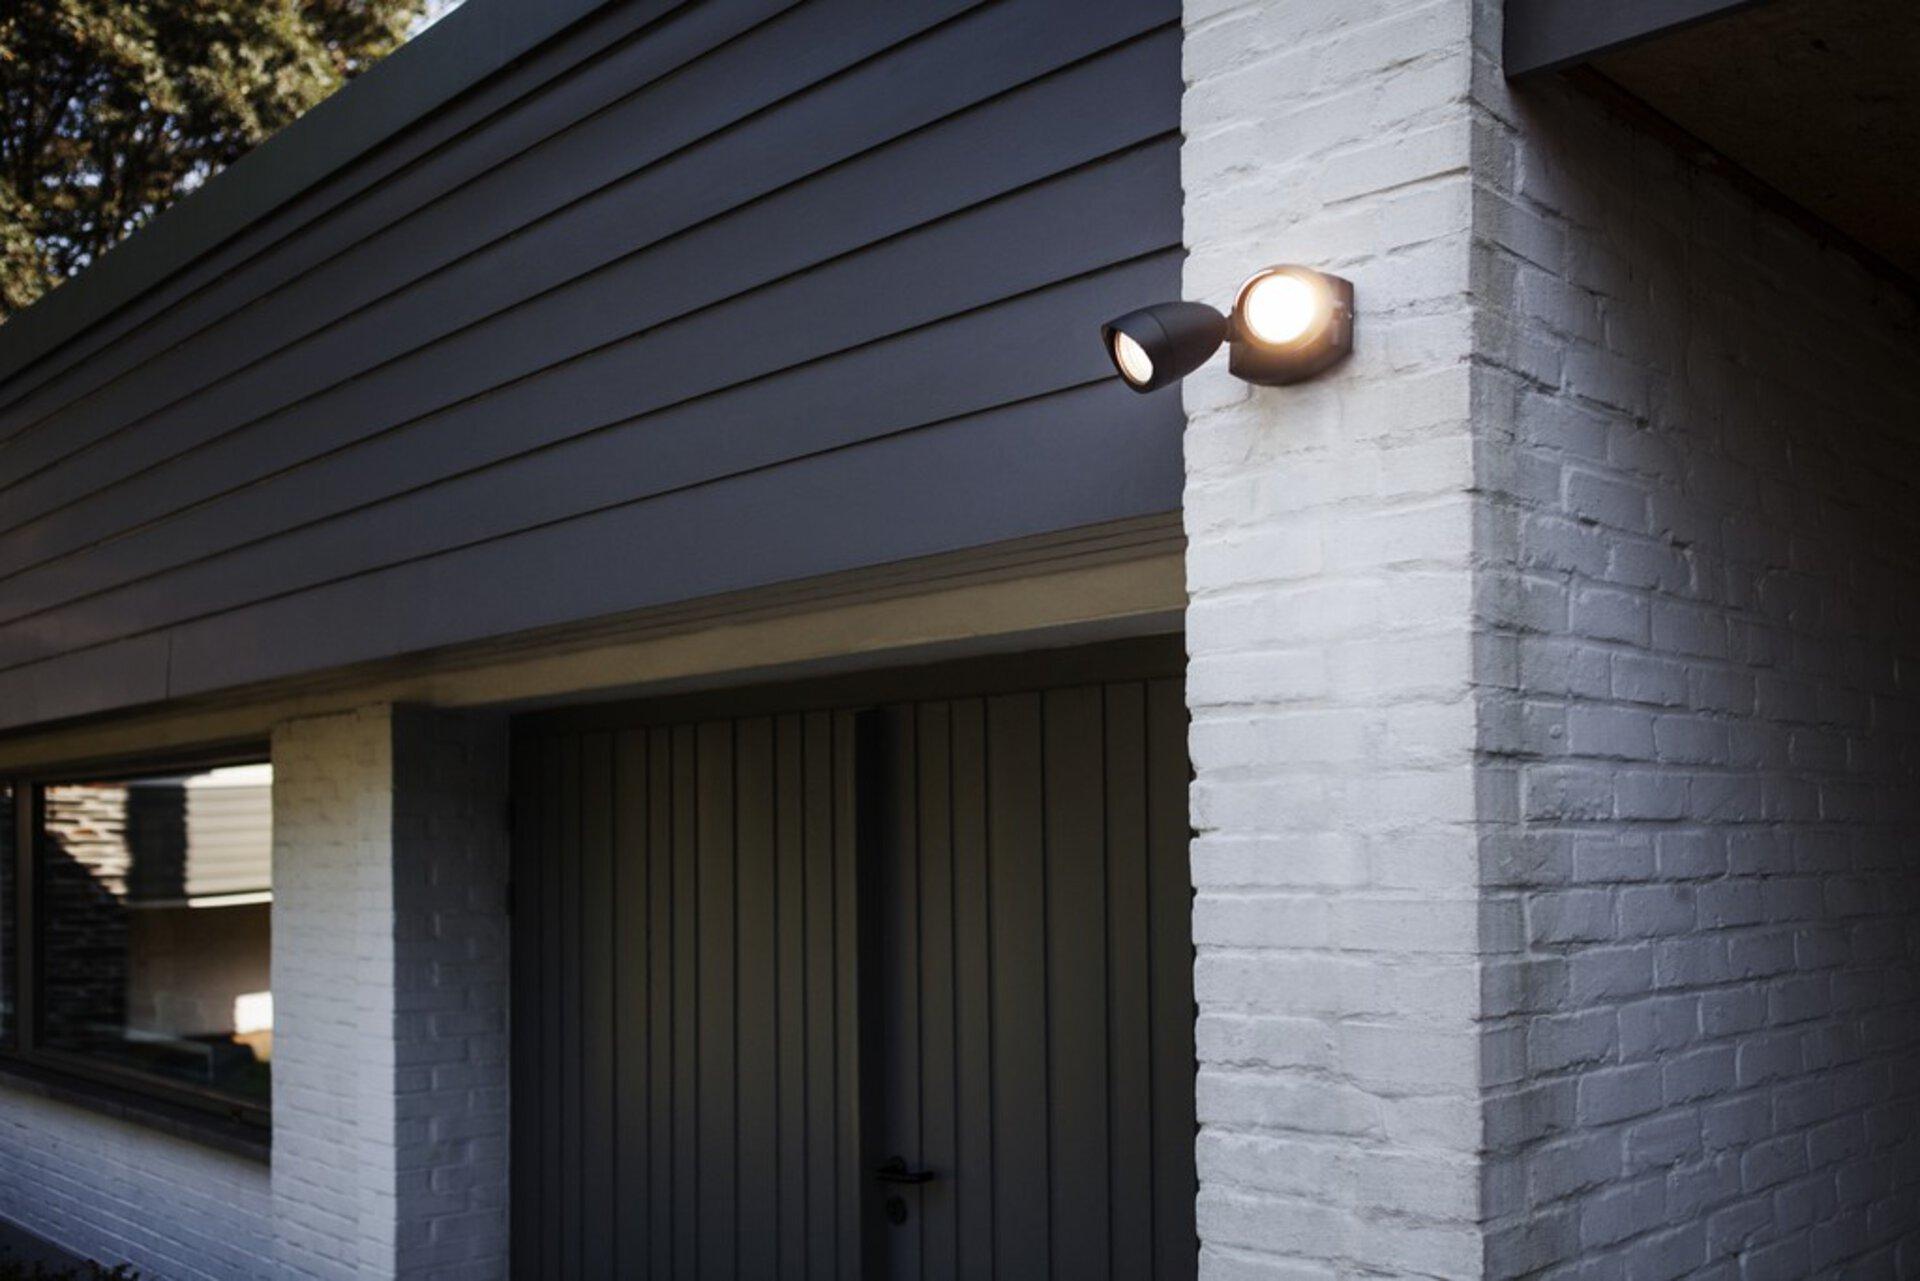 Wand-Aussenleuchte SHRIMP Eco-Light Metall schwarz 27 x 13 x 18 cm